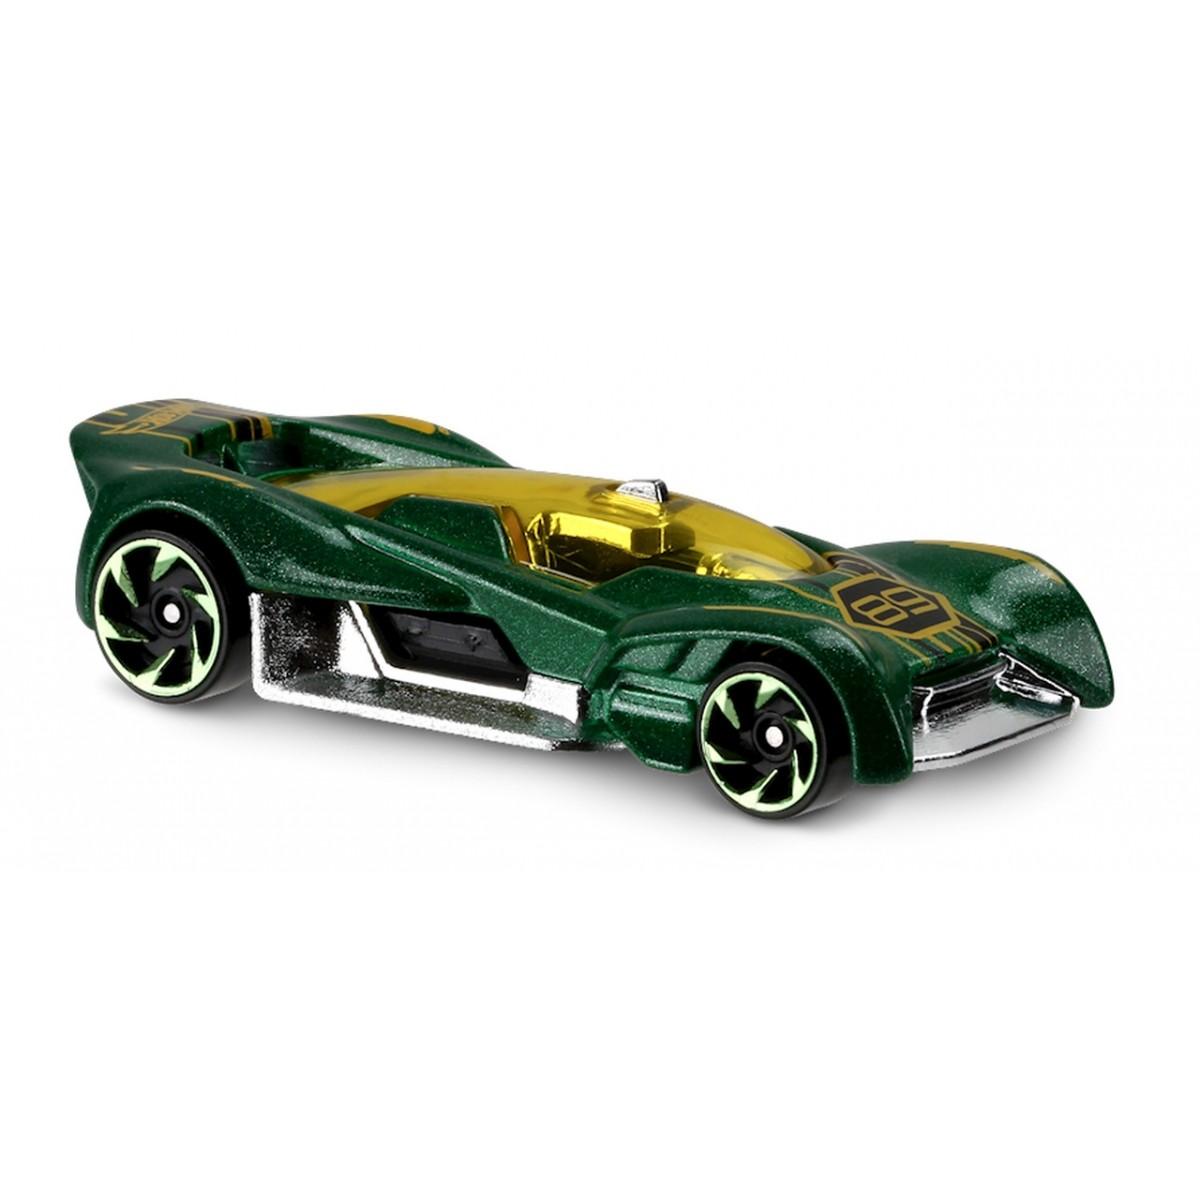 Carrinho Hot Wheels: Futurismo Verde